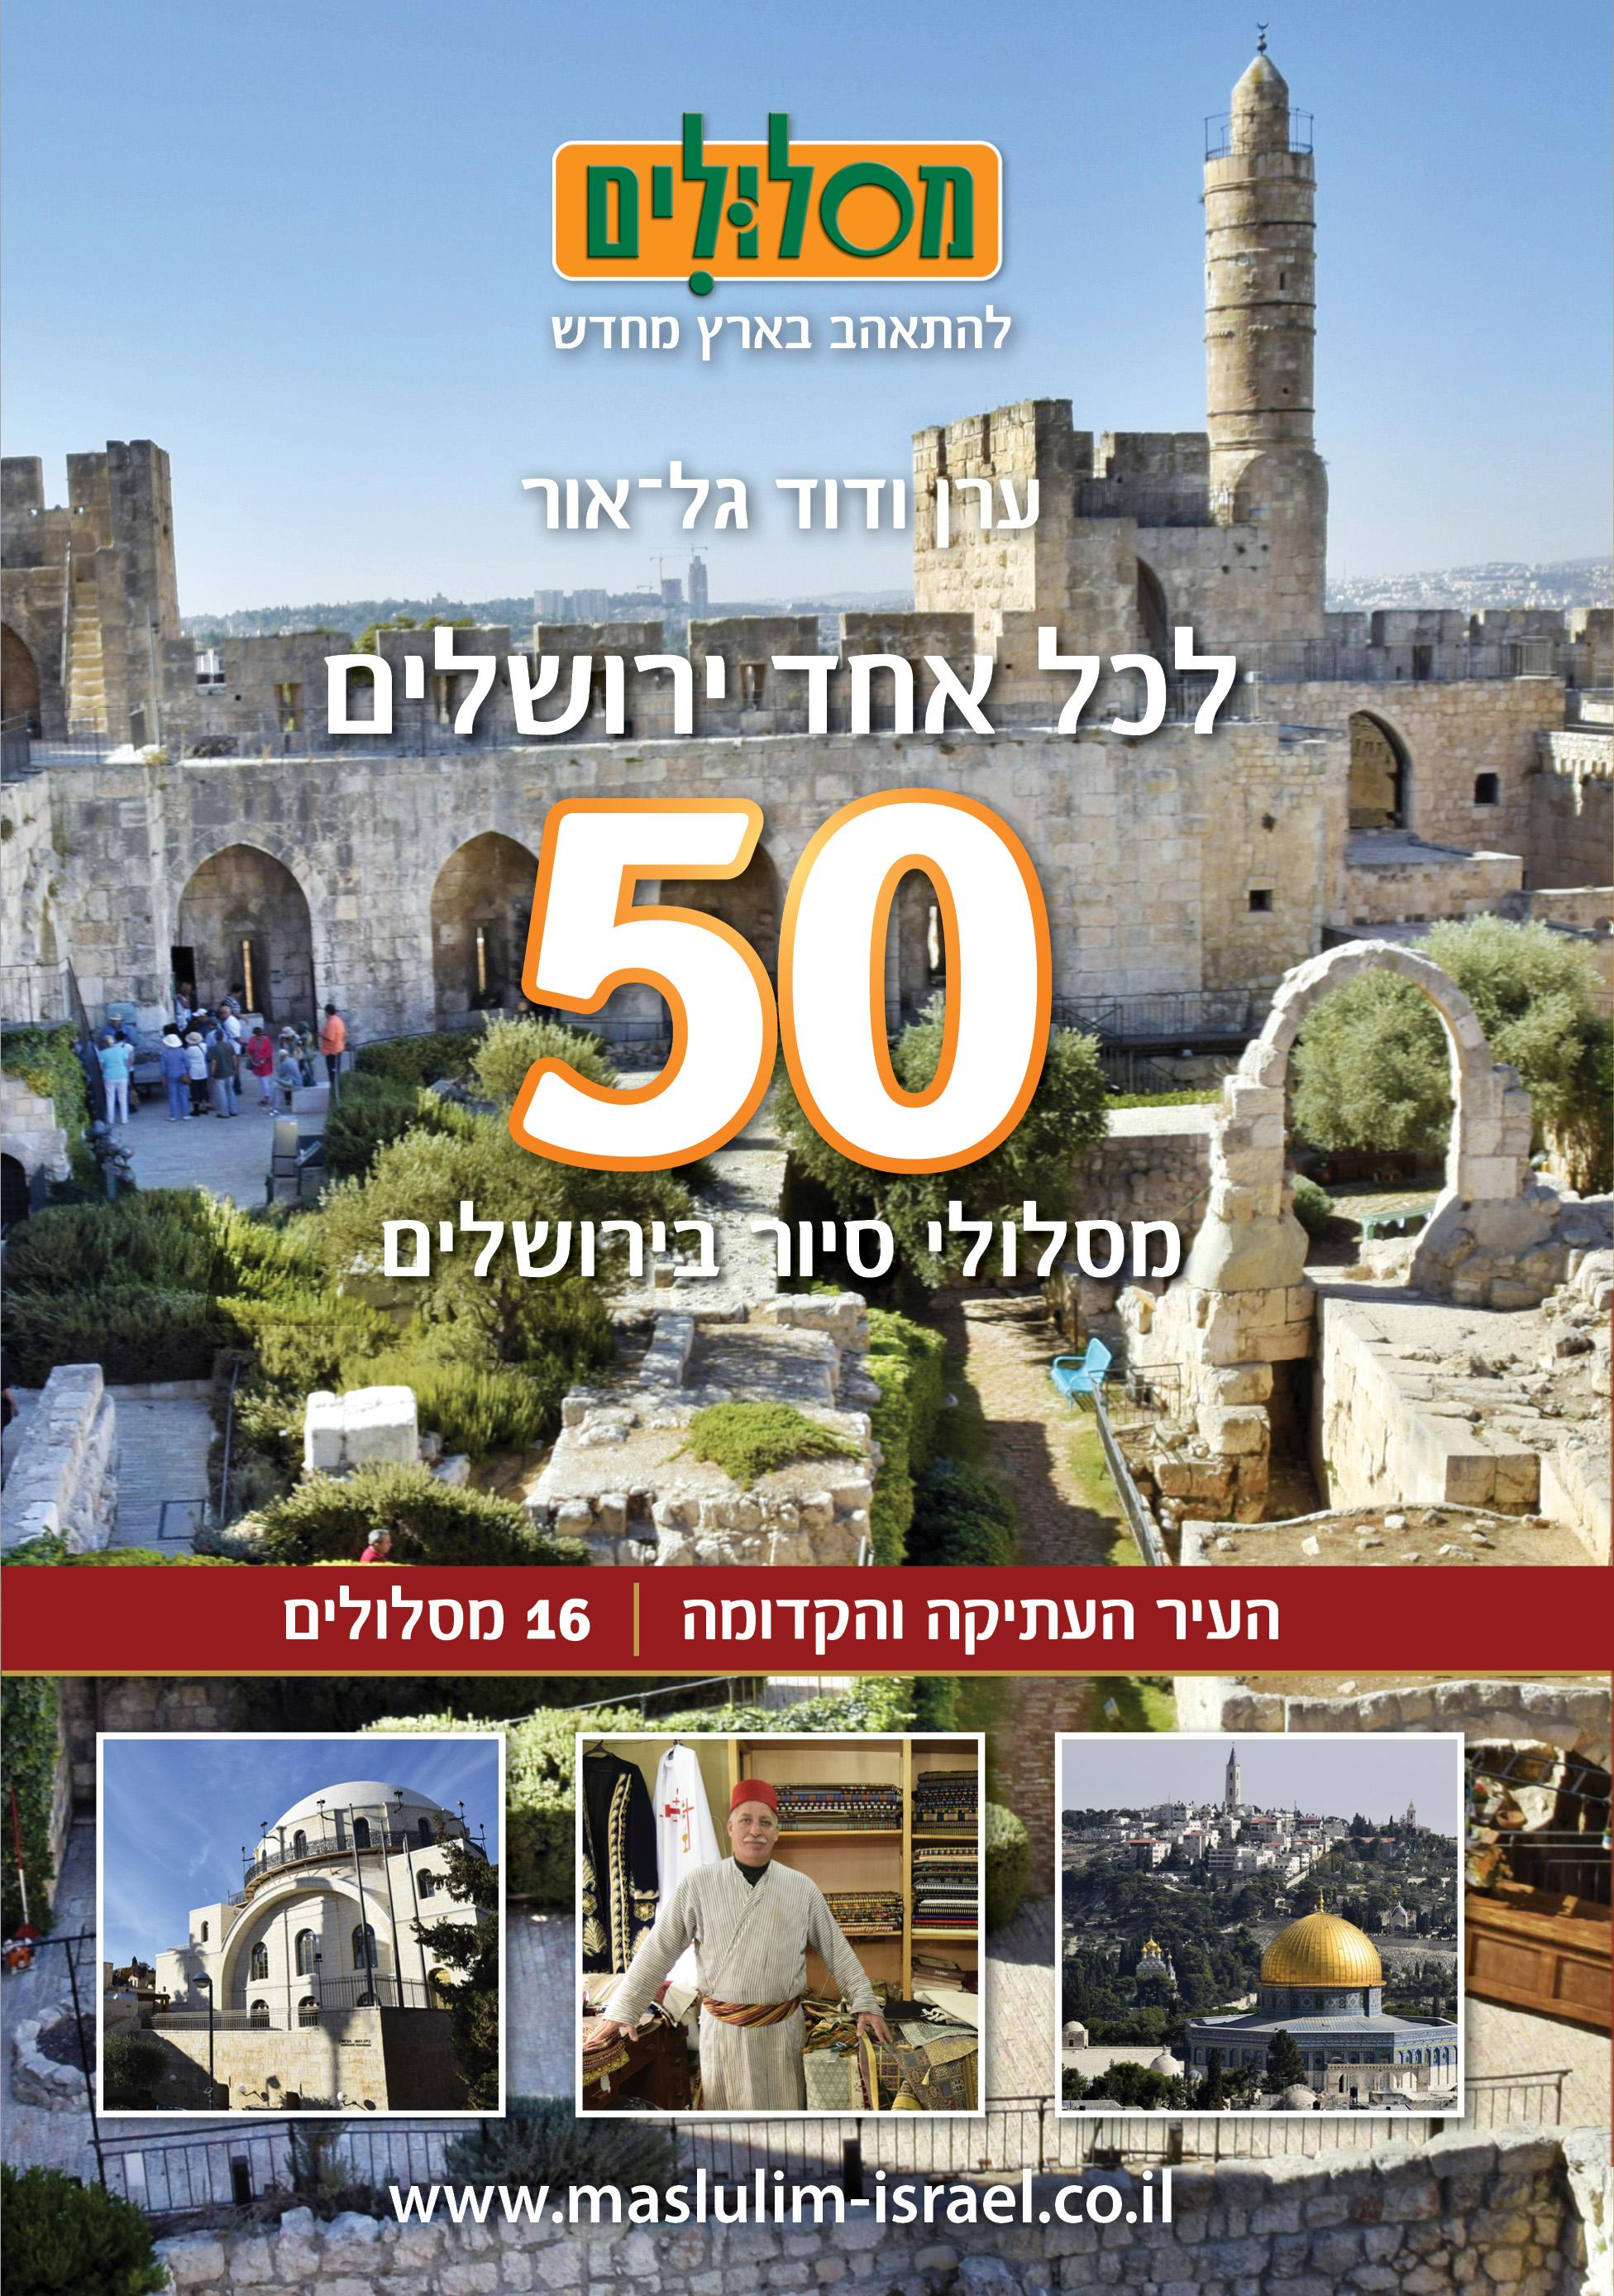 Maslulim - Jerusalem Old City